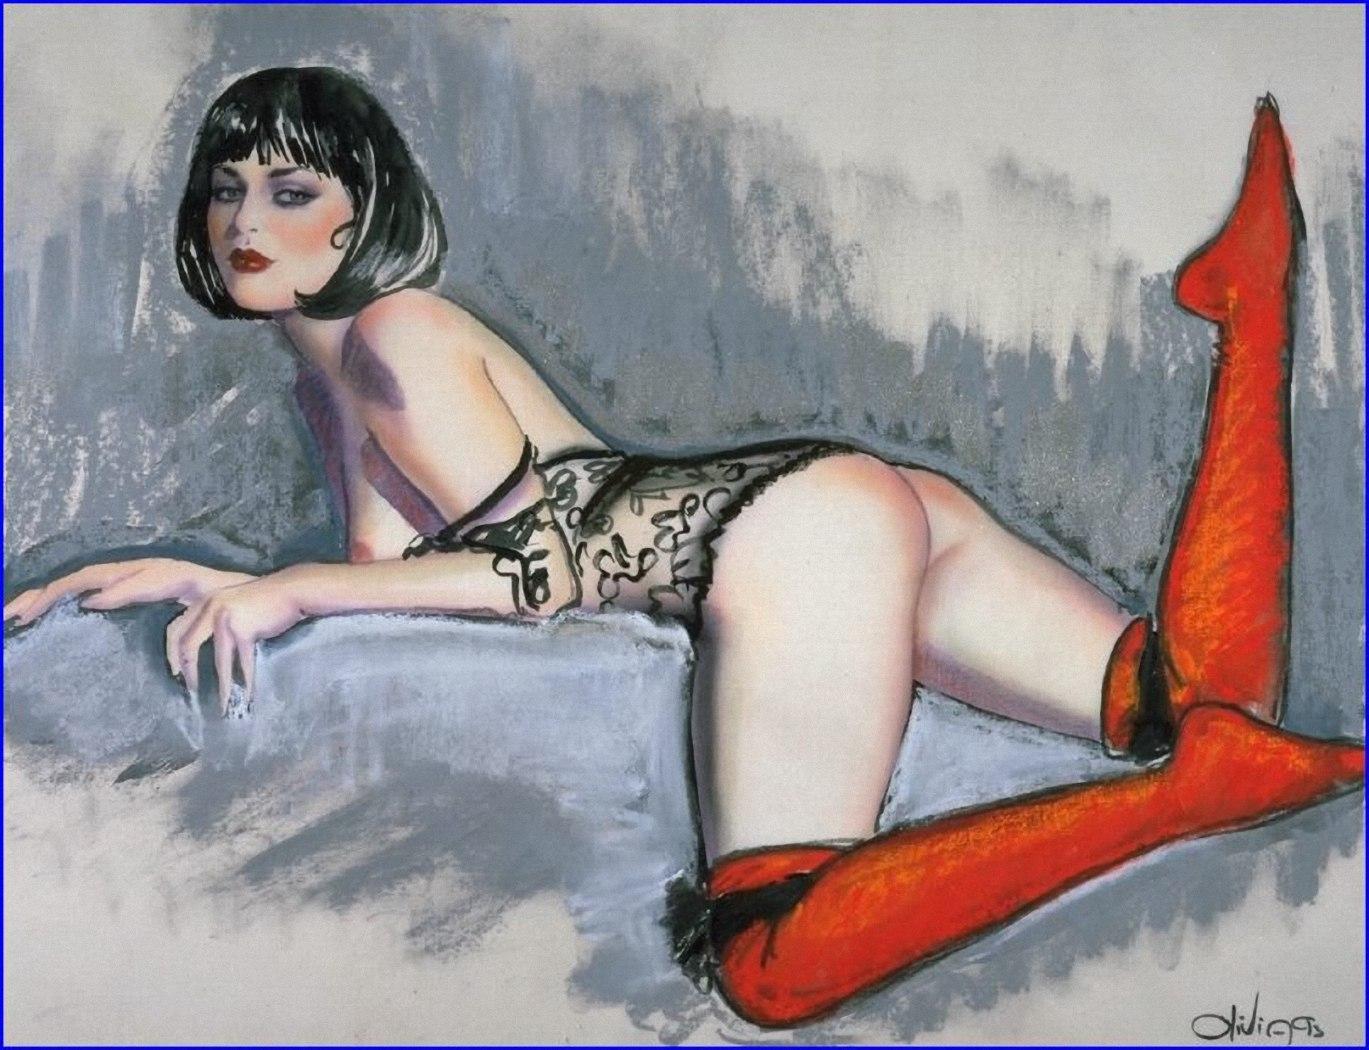 Рисовать фото эротика, Рисунки голых девушек - эротические картинки 6 фотография